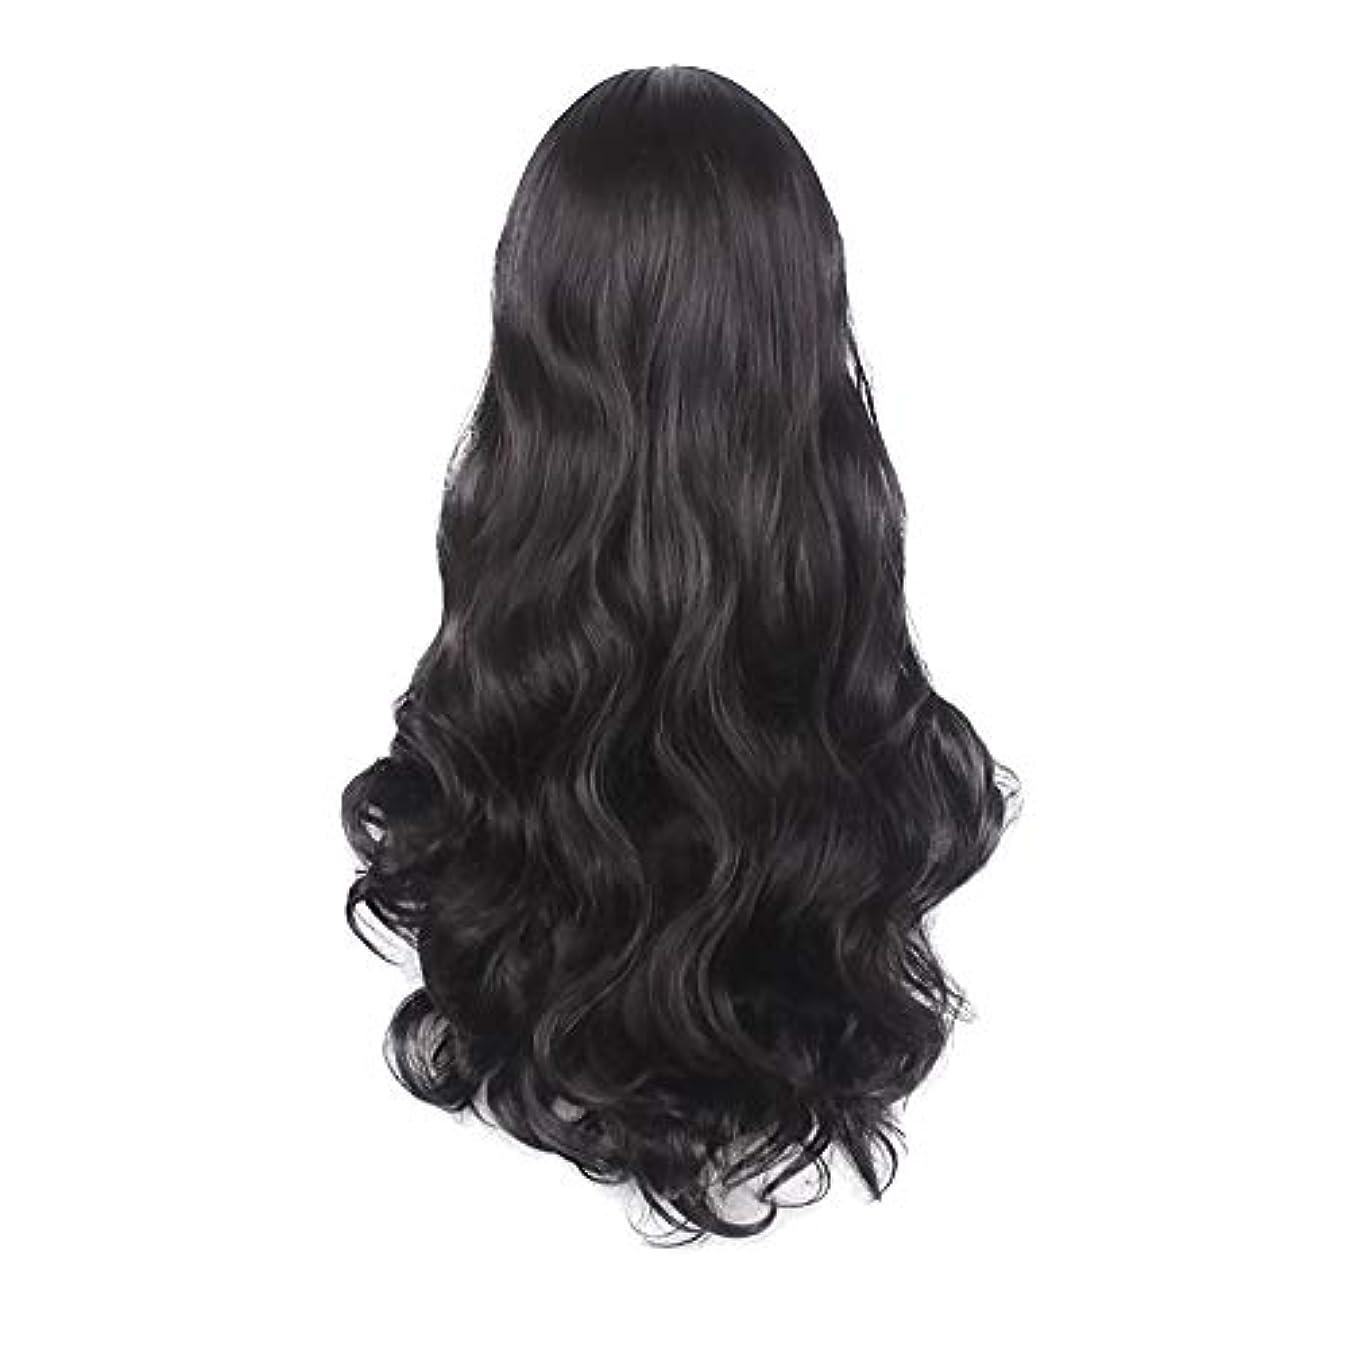 調整可能支援花火女性の黒の長い波状の巻き毛のかつらパーティーCOS小道具かつらをかつら